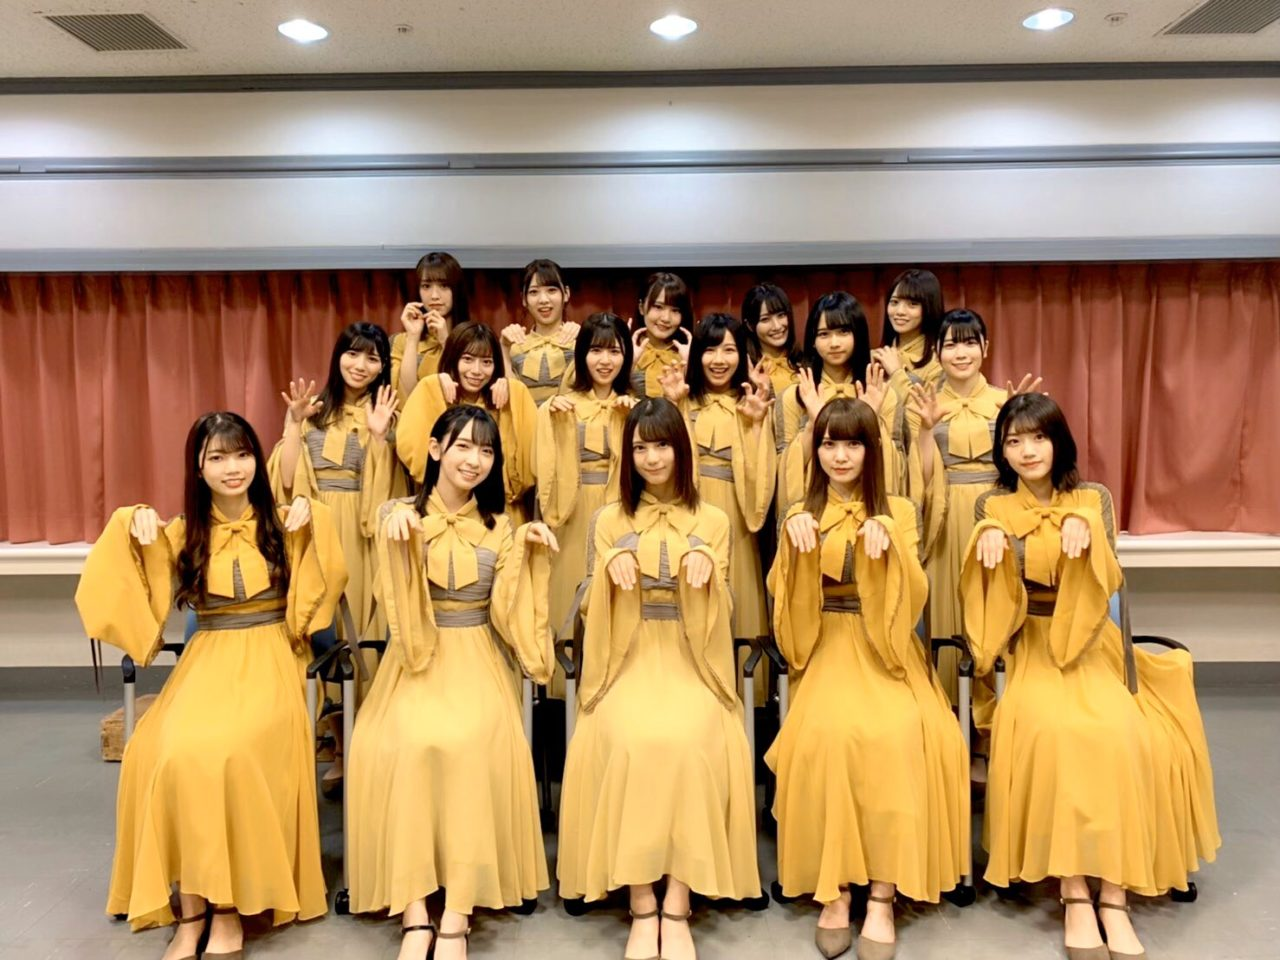 日向坂46が新曲『こんなに好きになっちゃっていいの?』を披露! TBS「COUNT DOWN TV」 [10/12 25:28~]